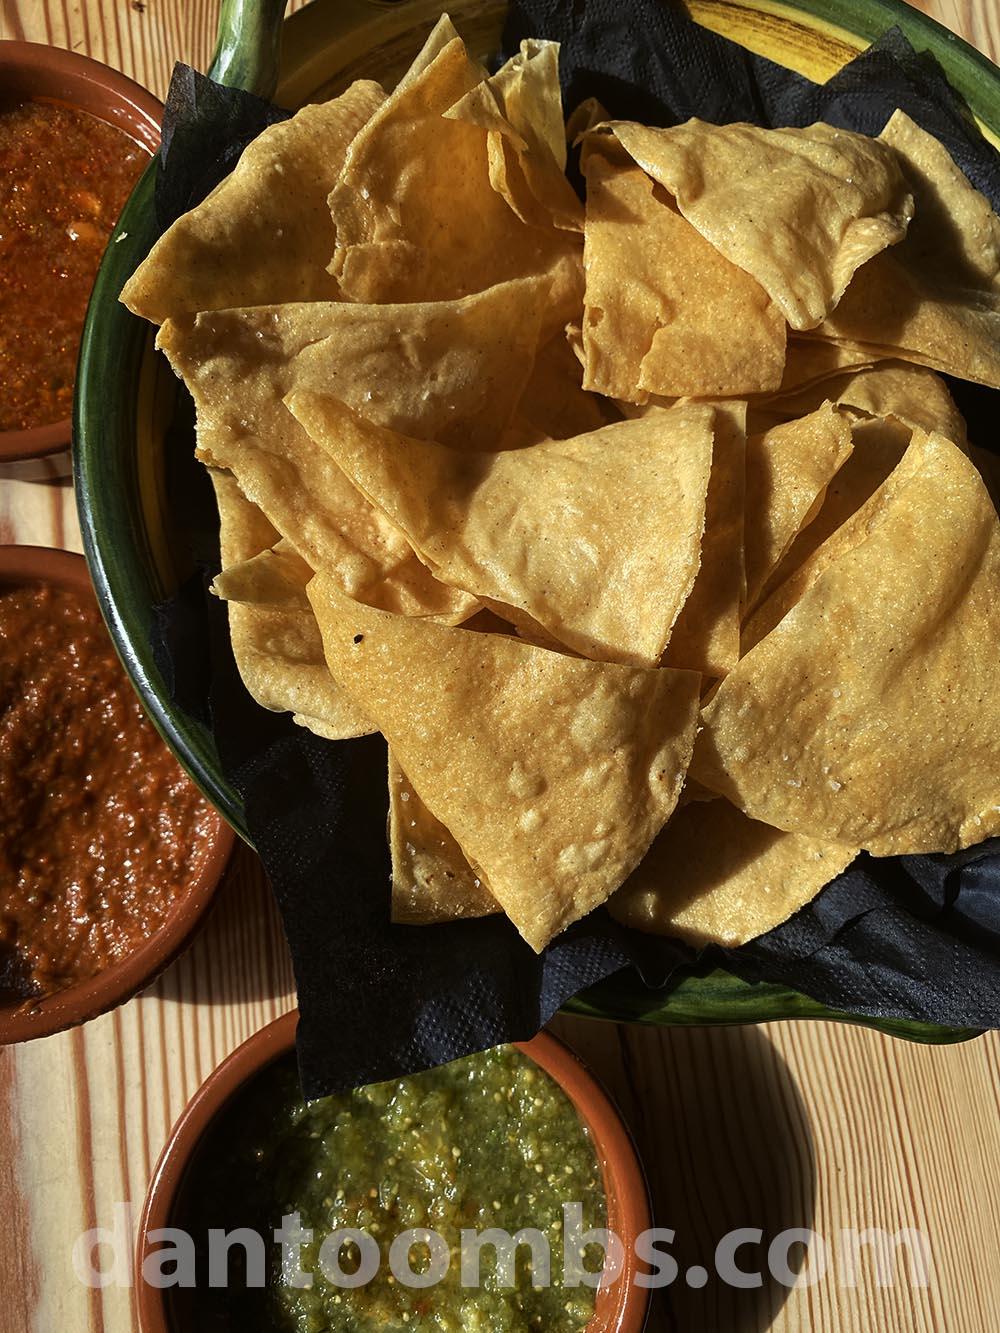 Fnished corn chips